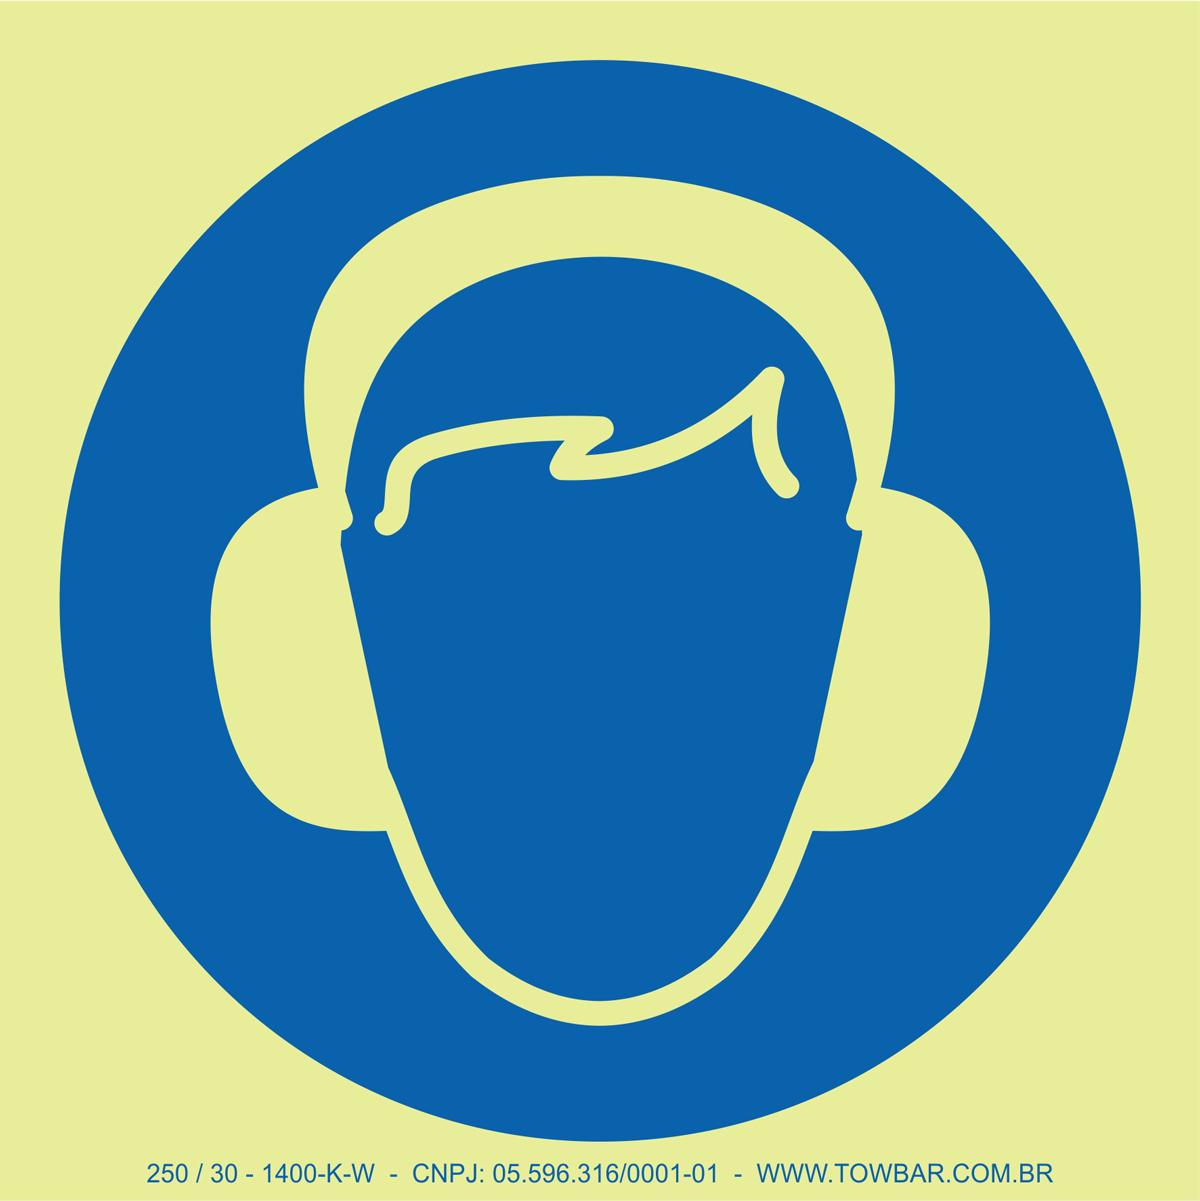 Wear Ear Protection  - Towbar Sinalização de Segurança